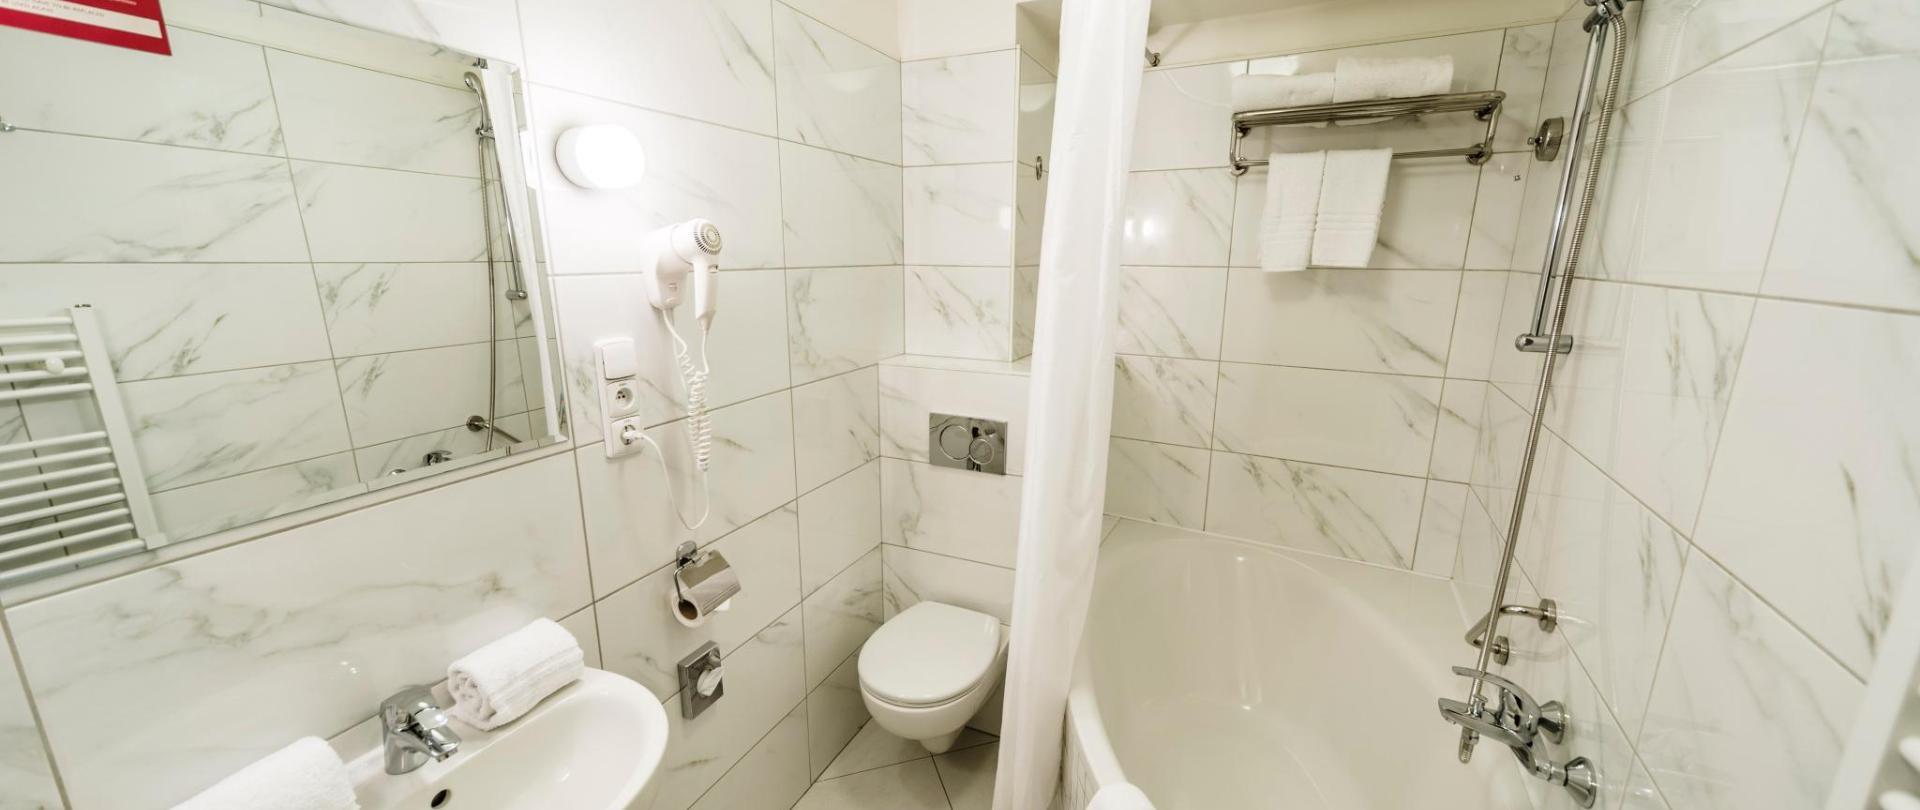 Čtyřlůžkový pokoj_koupelna.jpg